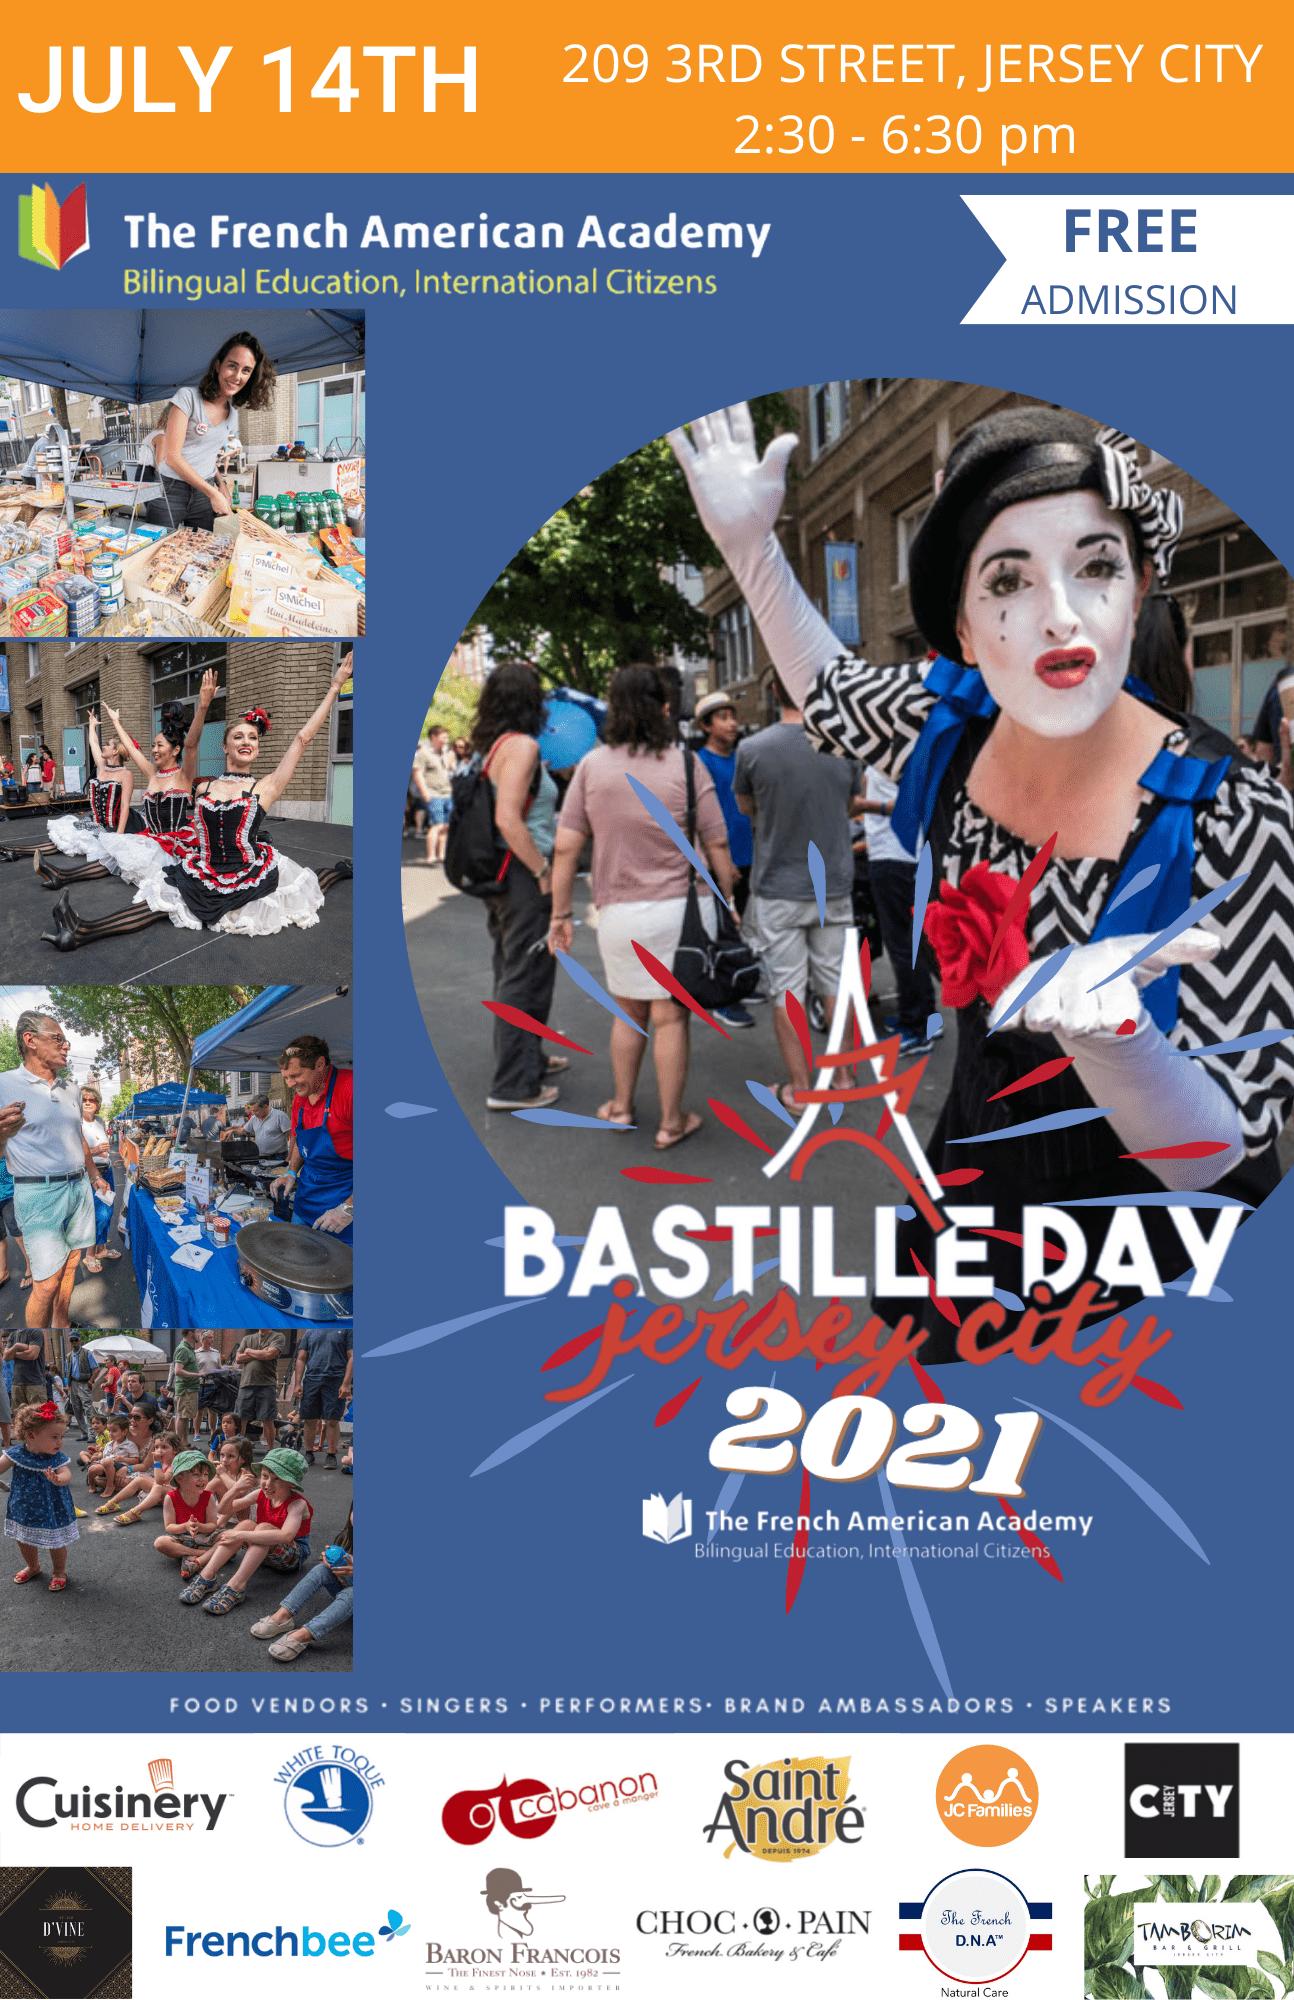 Bastille Day Jersey City 2021